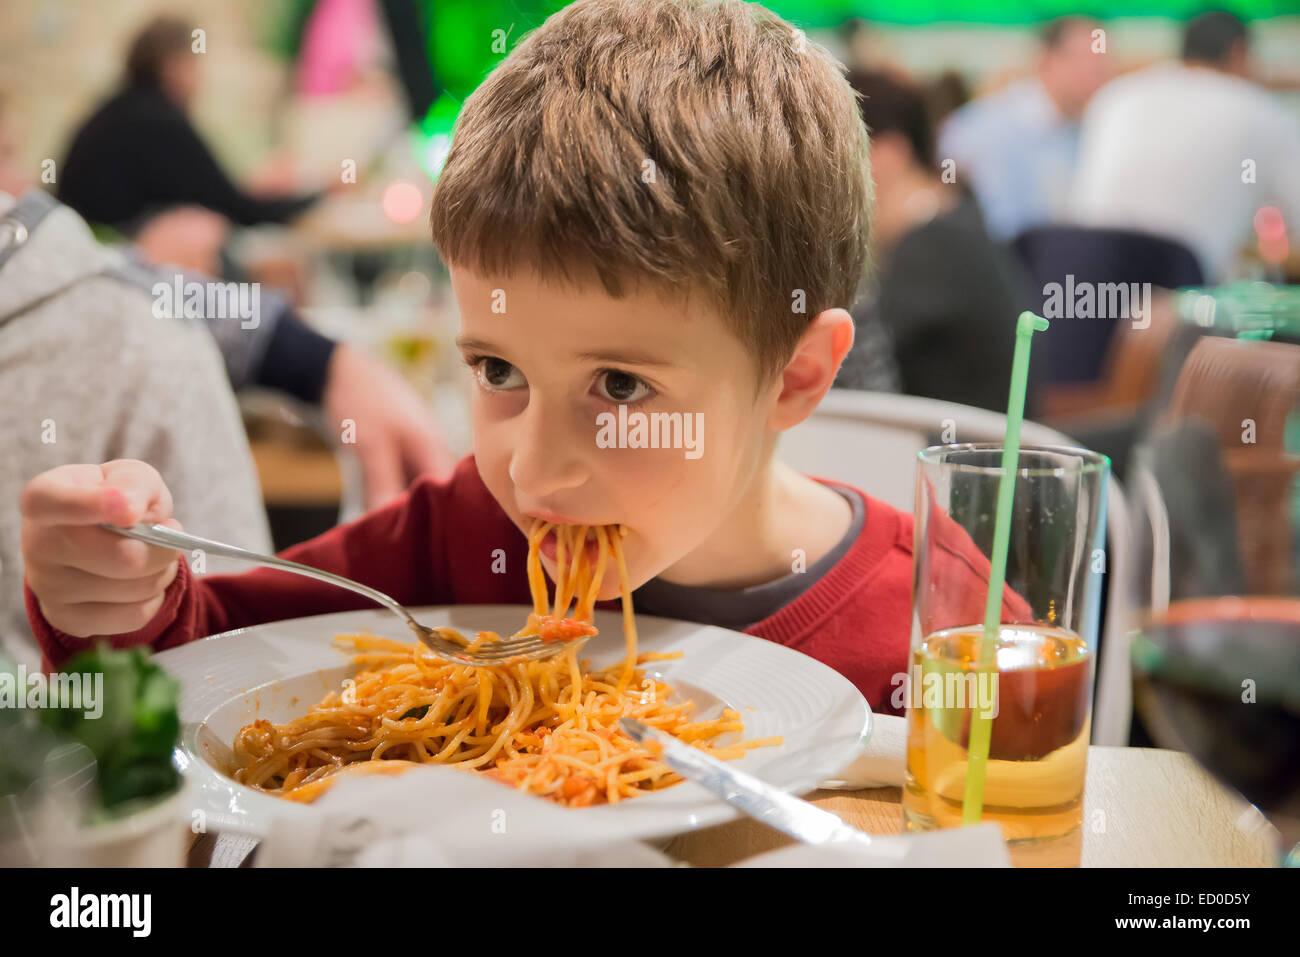 Junge sitzt in einem Restaurant Essen spaghetti Stockbild